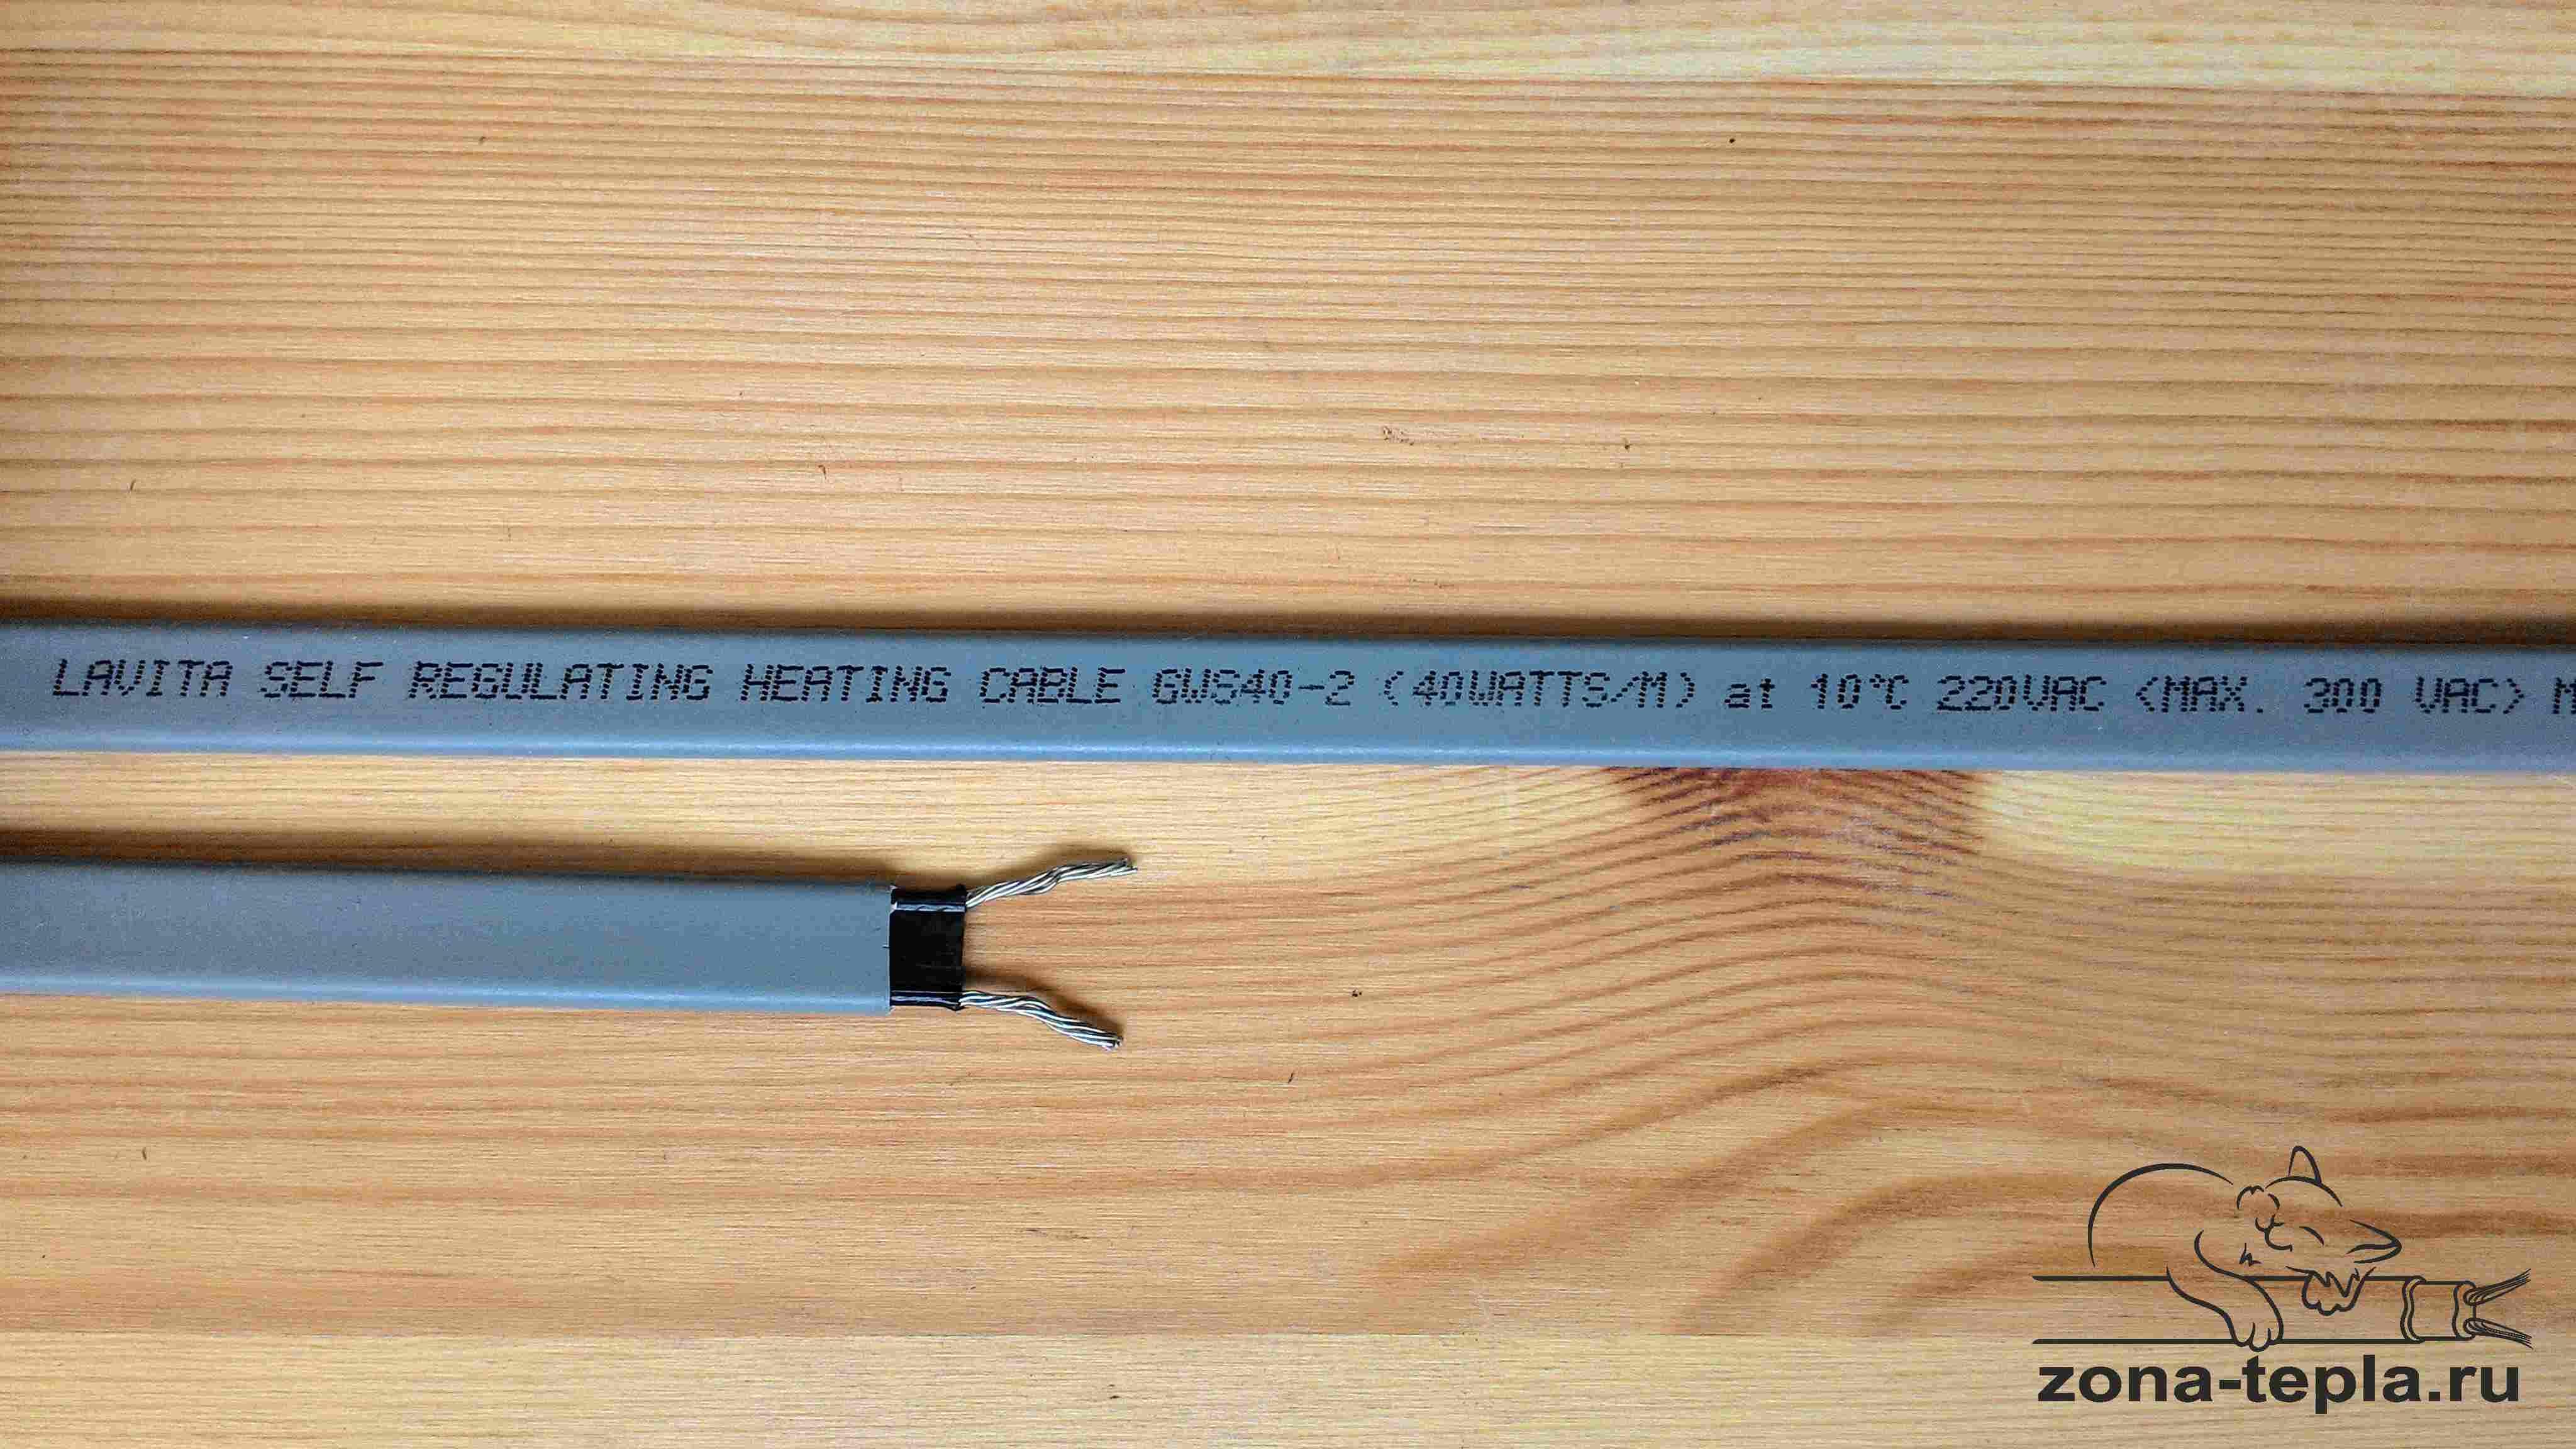 Саморегулирующийся нагревательный кабель Lavita GWS 40-2